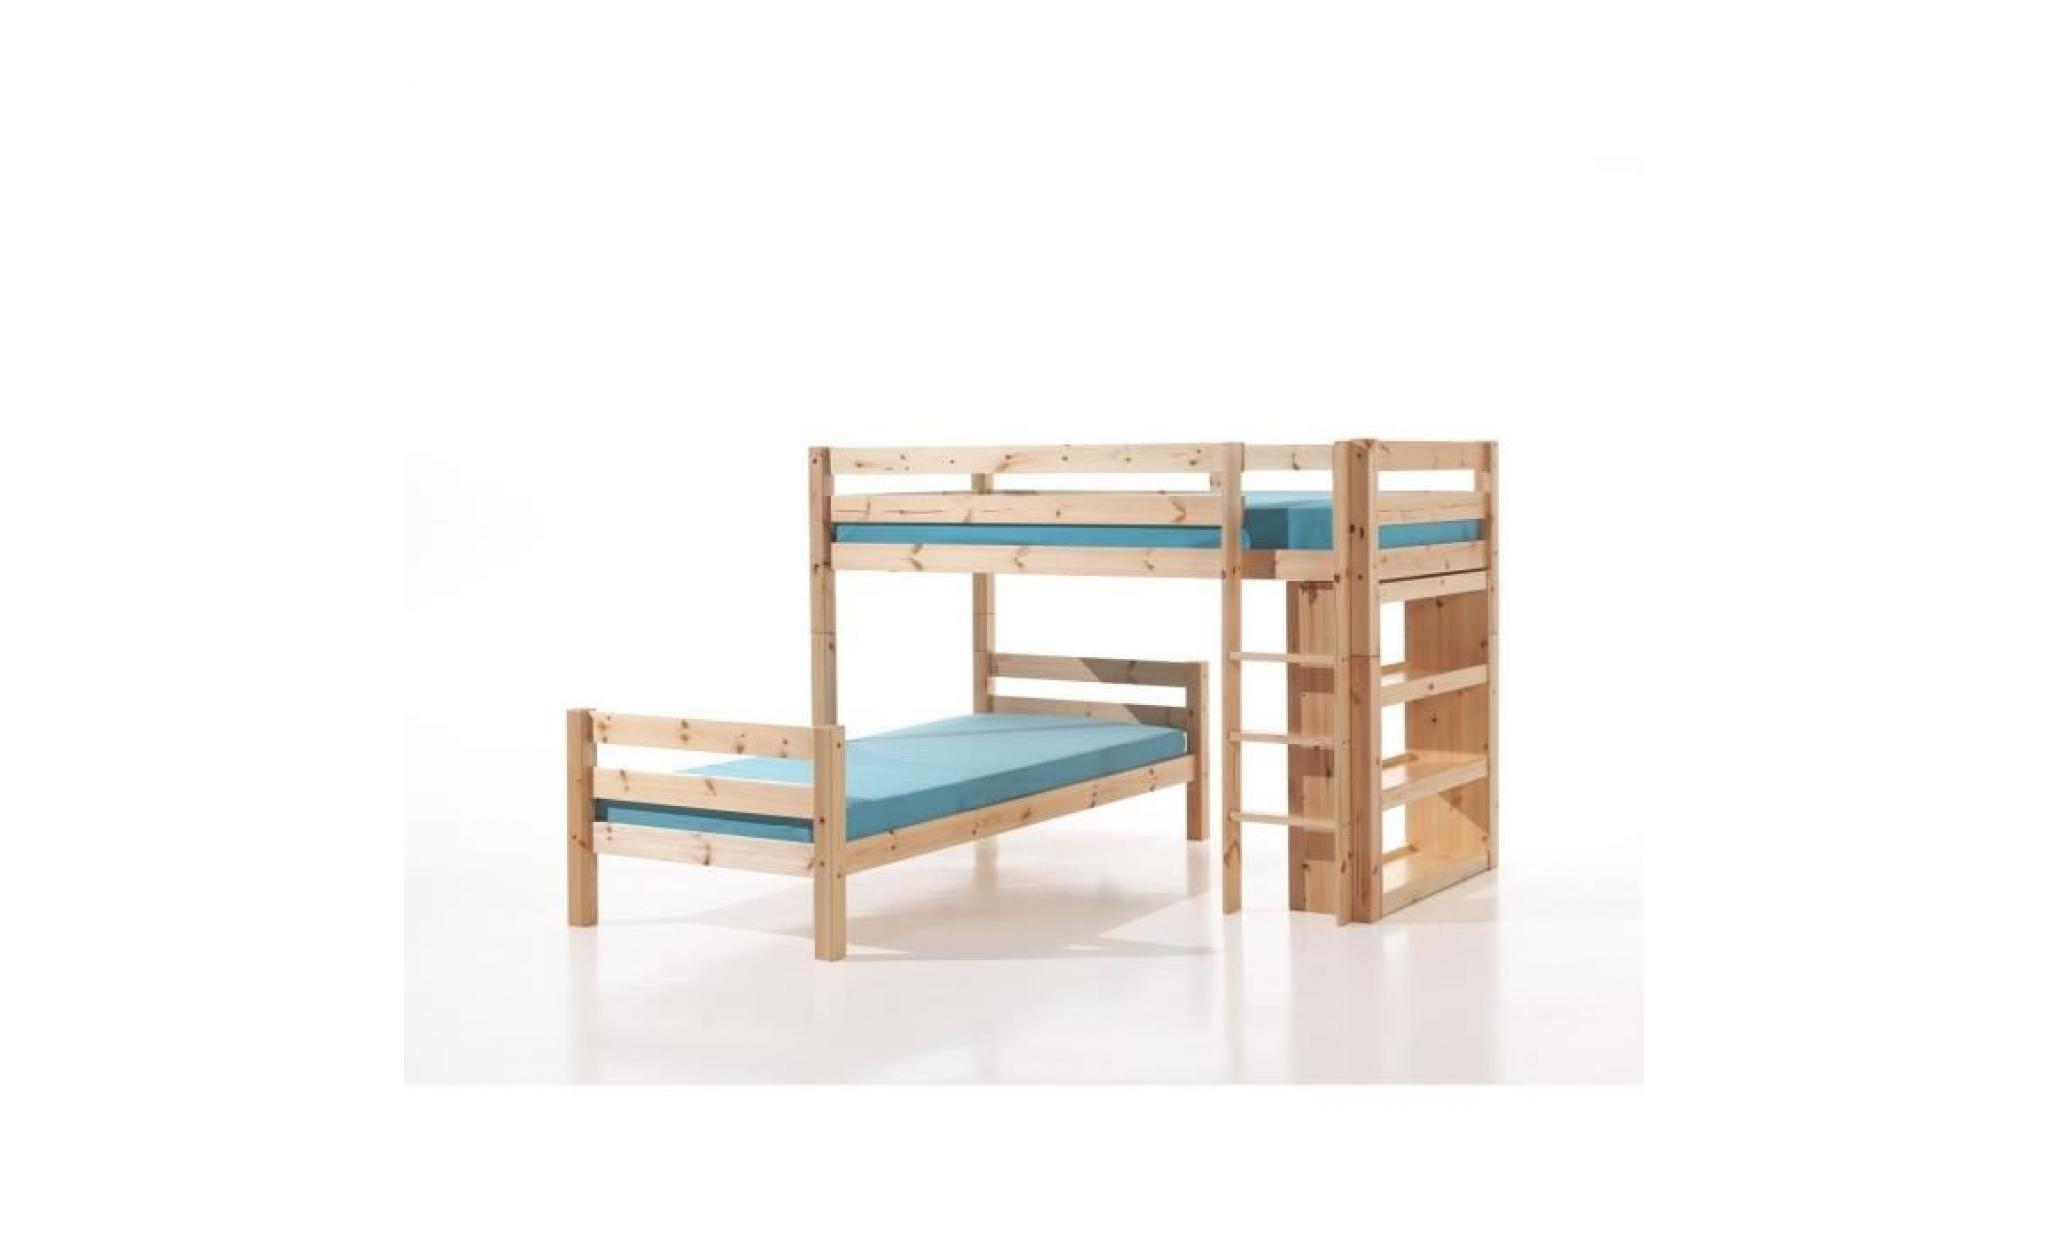 pino lit superpose angle 90x200 cm bois nature achat vente lit superpose pas cher couleur et design fr